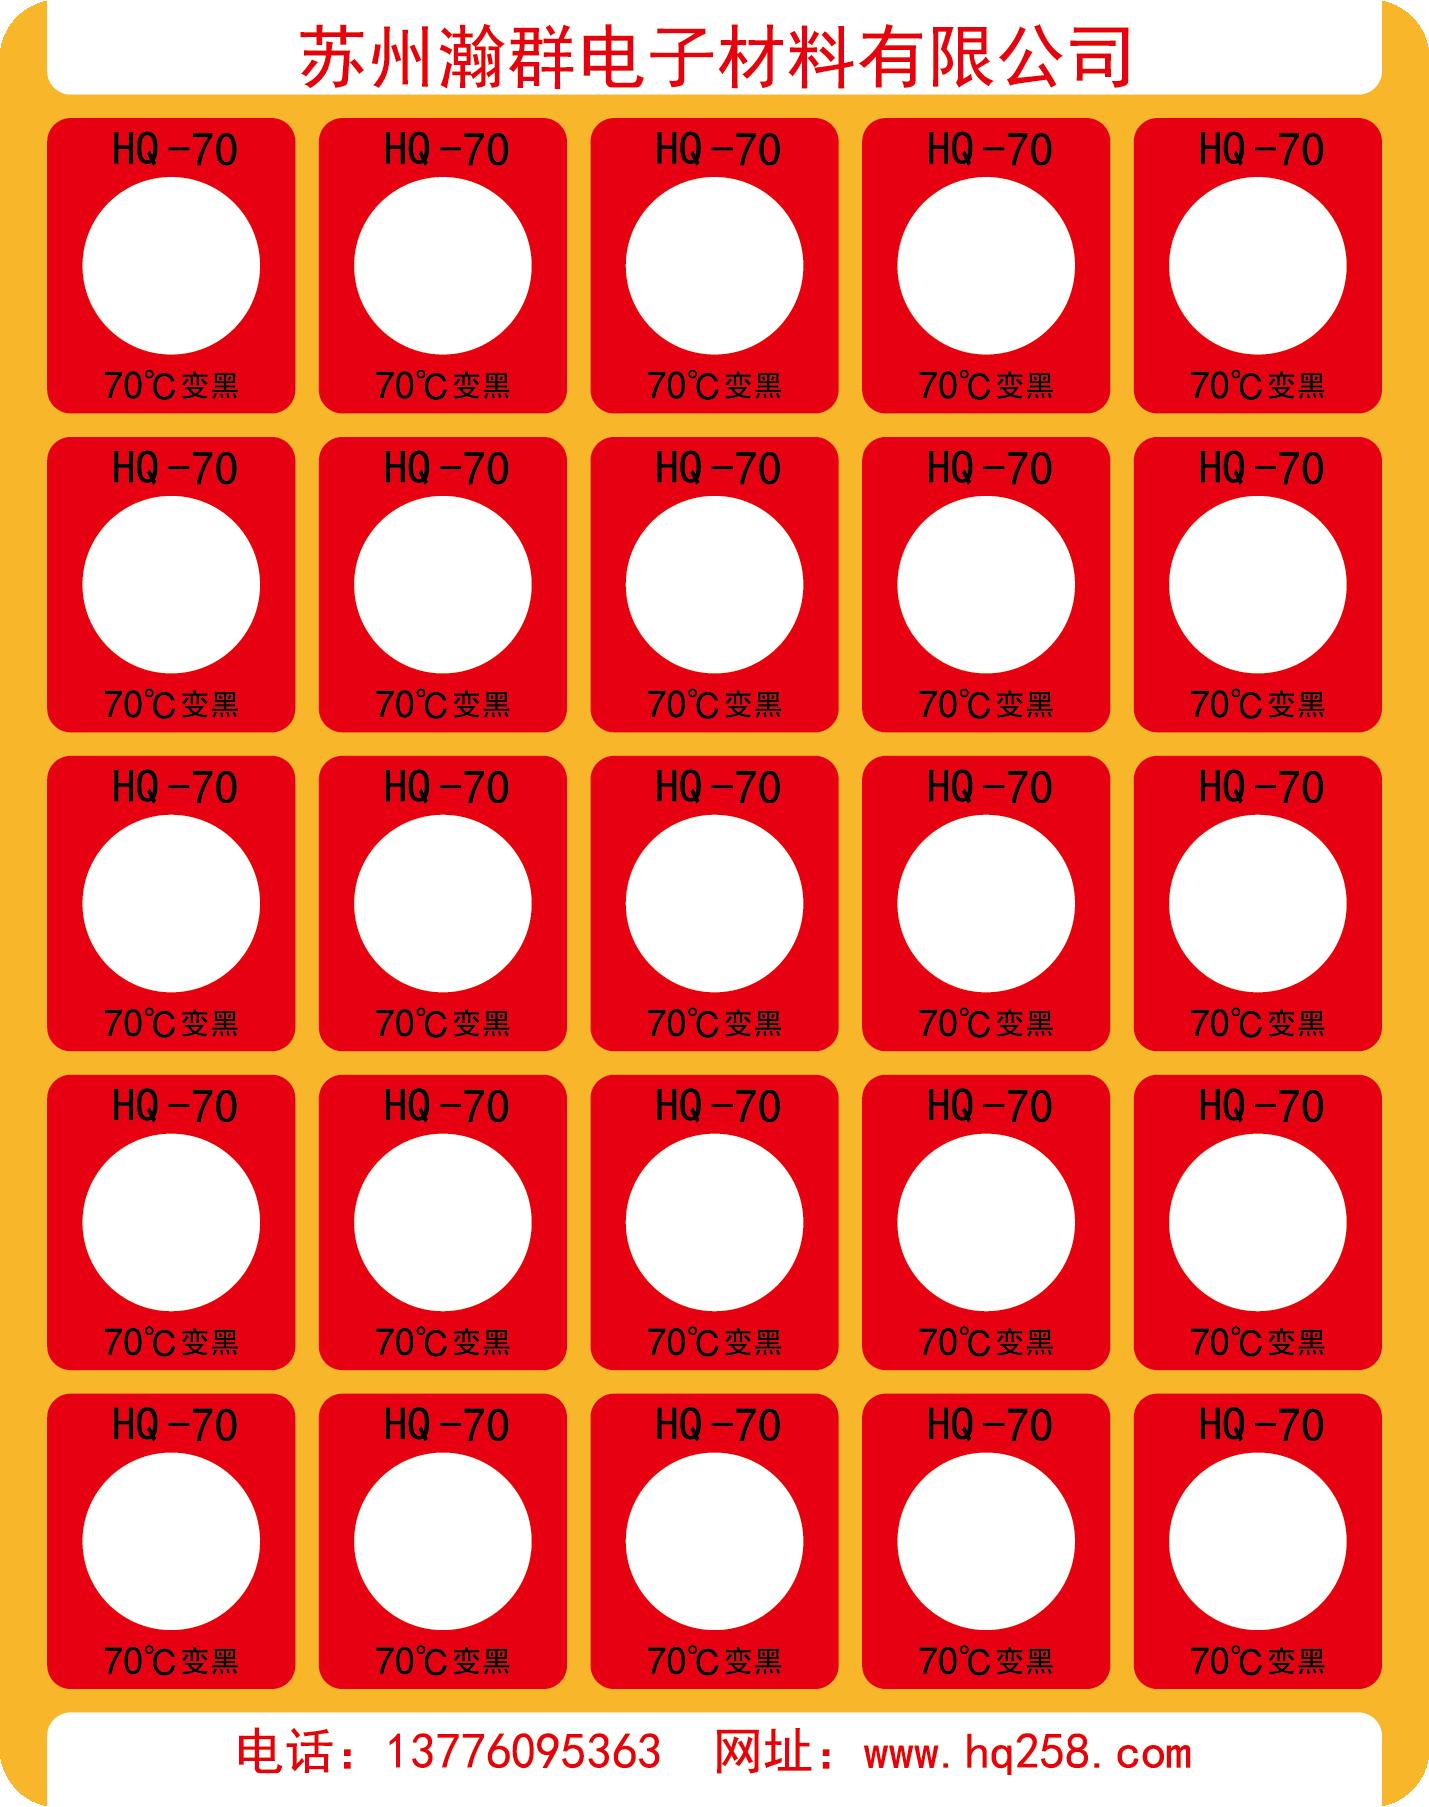 HQ-70度不可逆变色测温贴片感温纸示温片板温条 温度标签测温纸